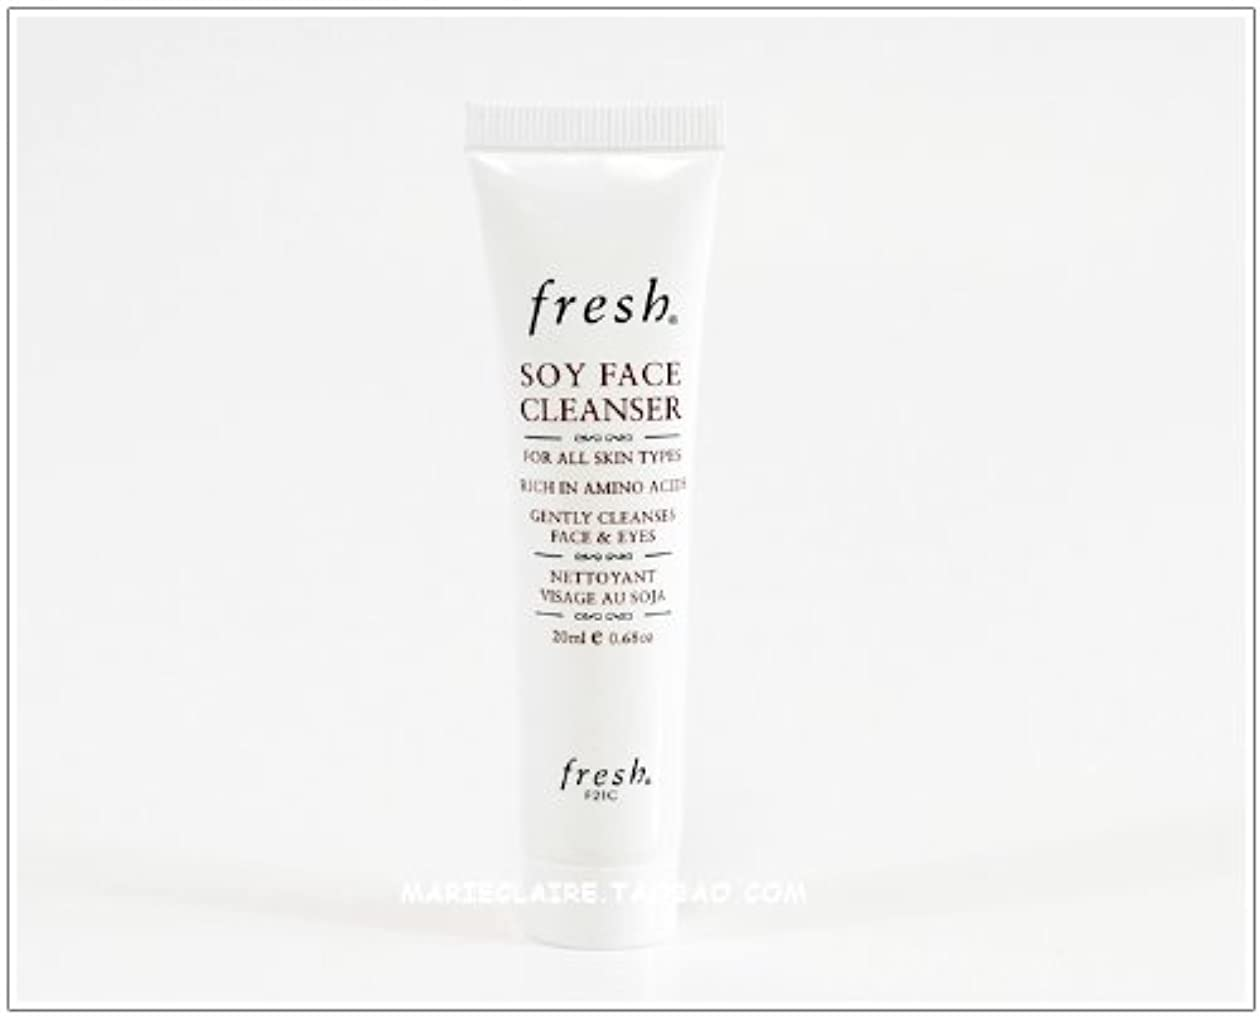 むしゃむしゃ人差し指辞任するFresh SOY FACE CLEANSER (フレッシュ ソイ フェイス クレンザー) 0.6 oz (20ml) トラベルサイズ by Fresh for Women